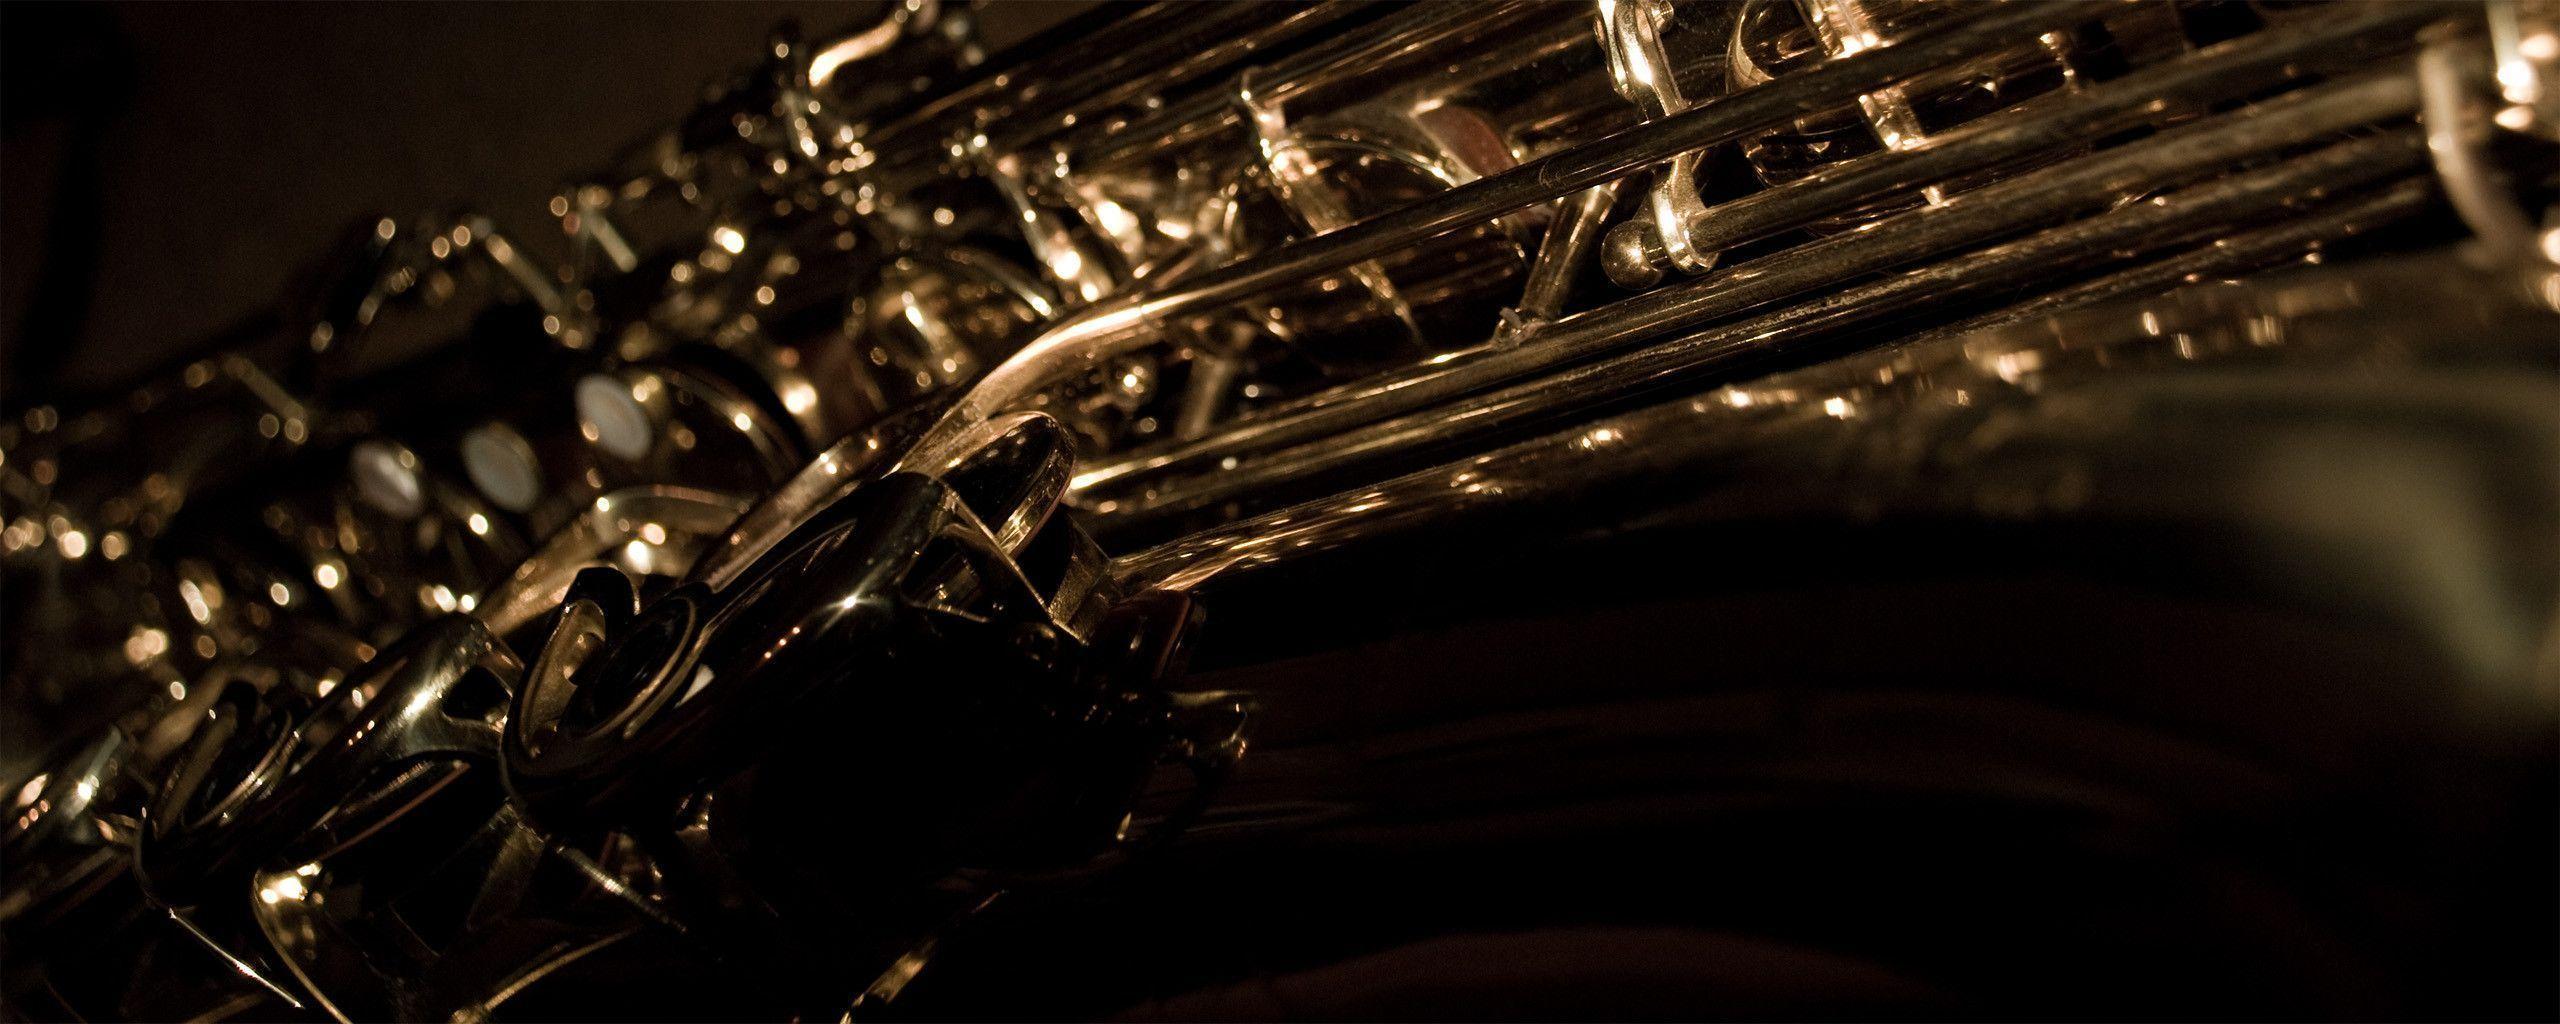 Bari Saxophone Wallpaper – Home Exsplore